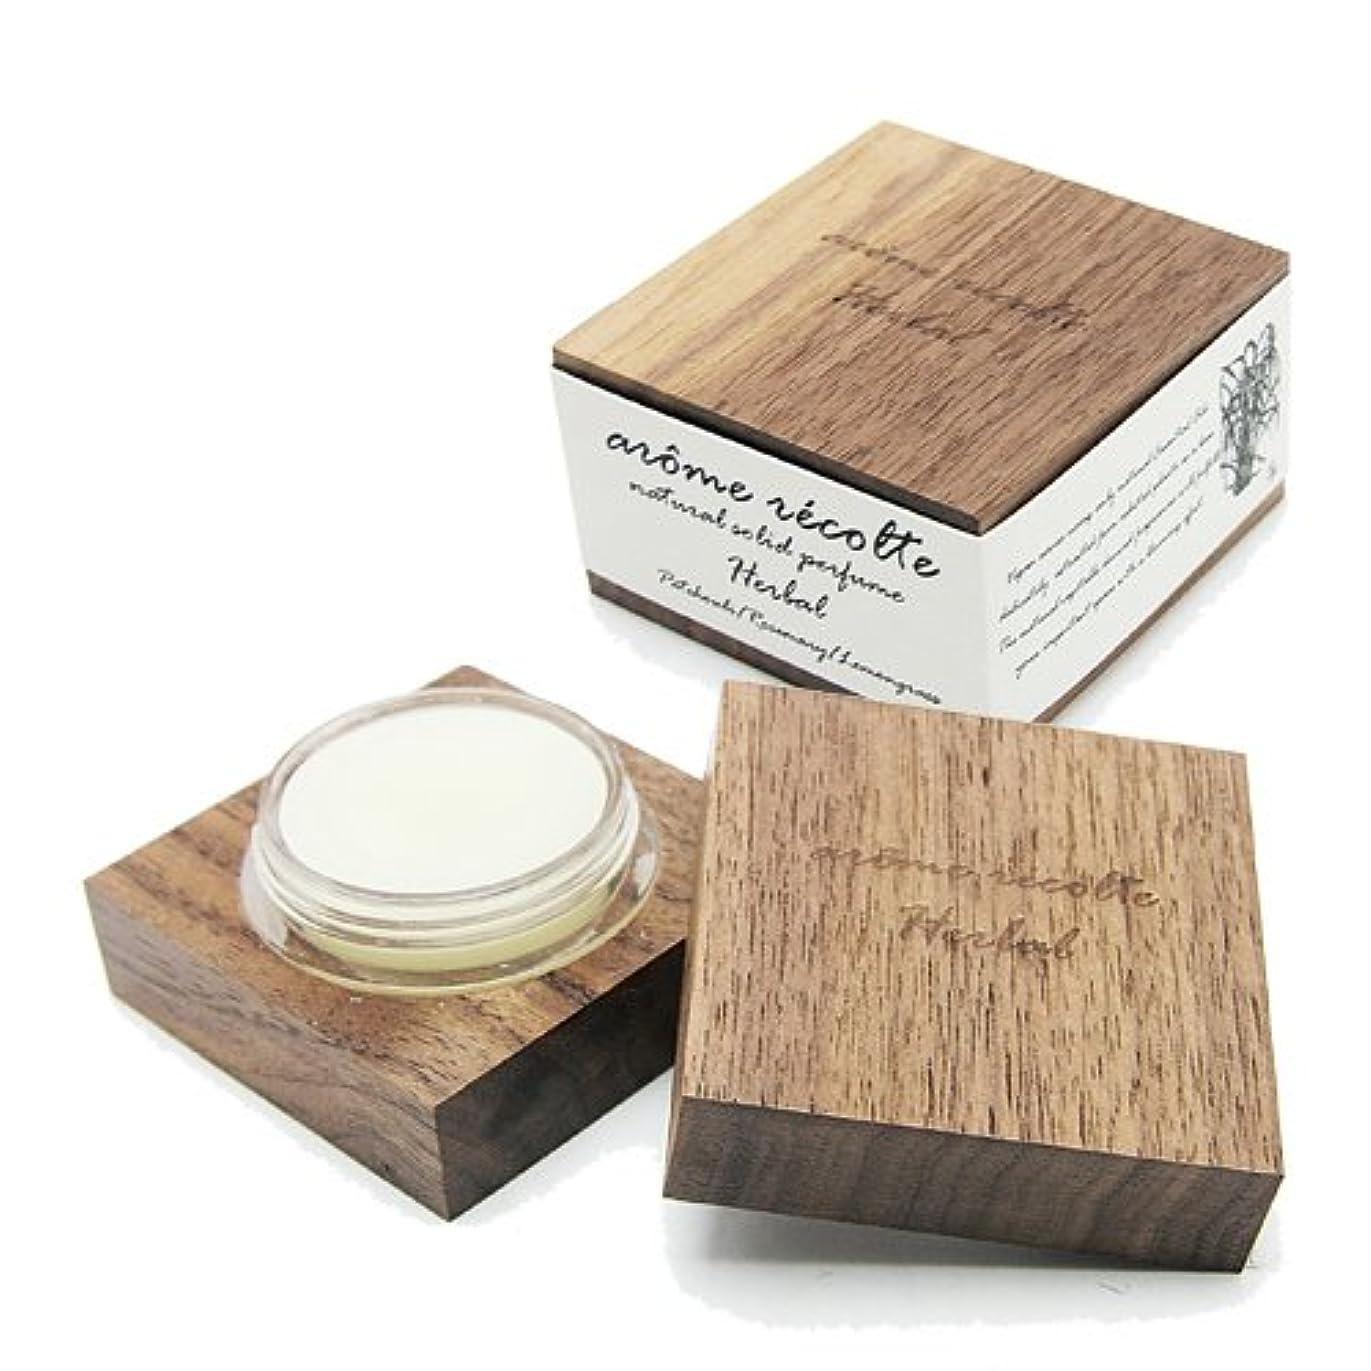 ワイヤー分類ベーシックアロマレコルト ナチュラル ソリッドパフューム ハーバル Herbal arome recolte 練り香水